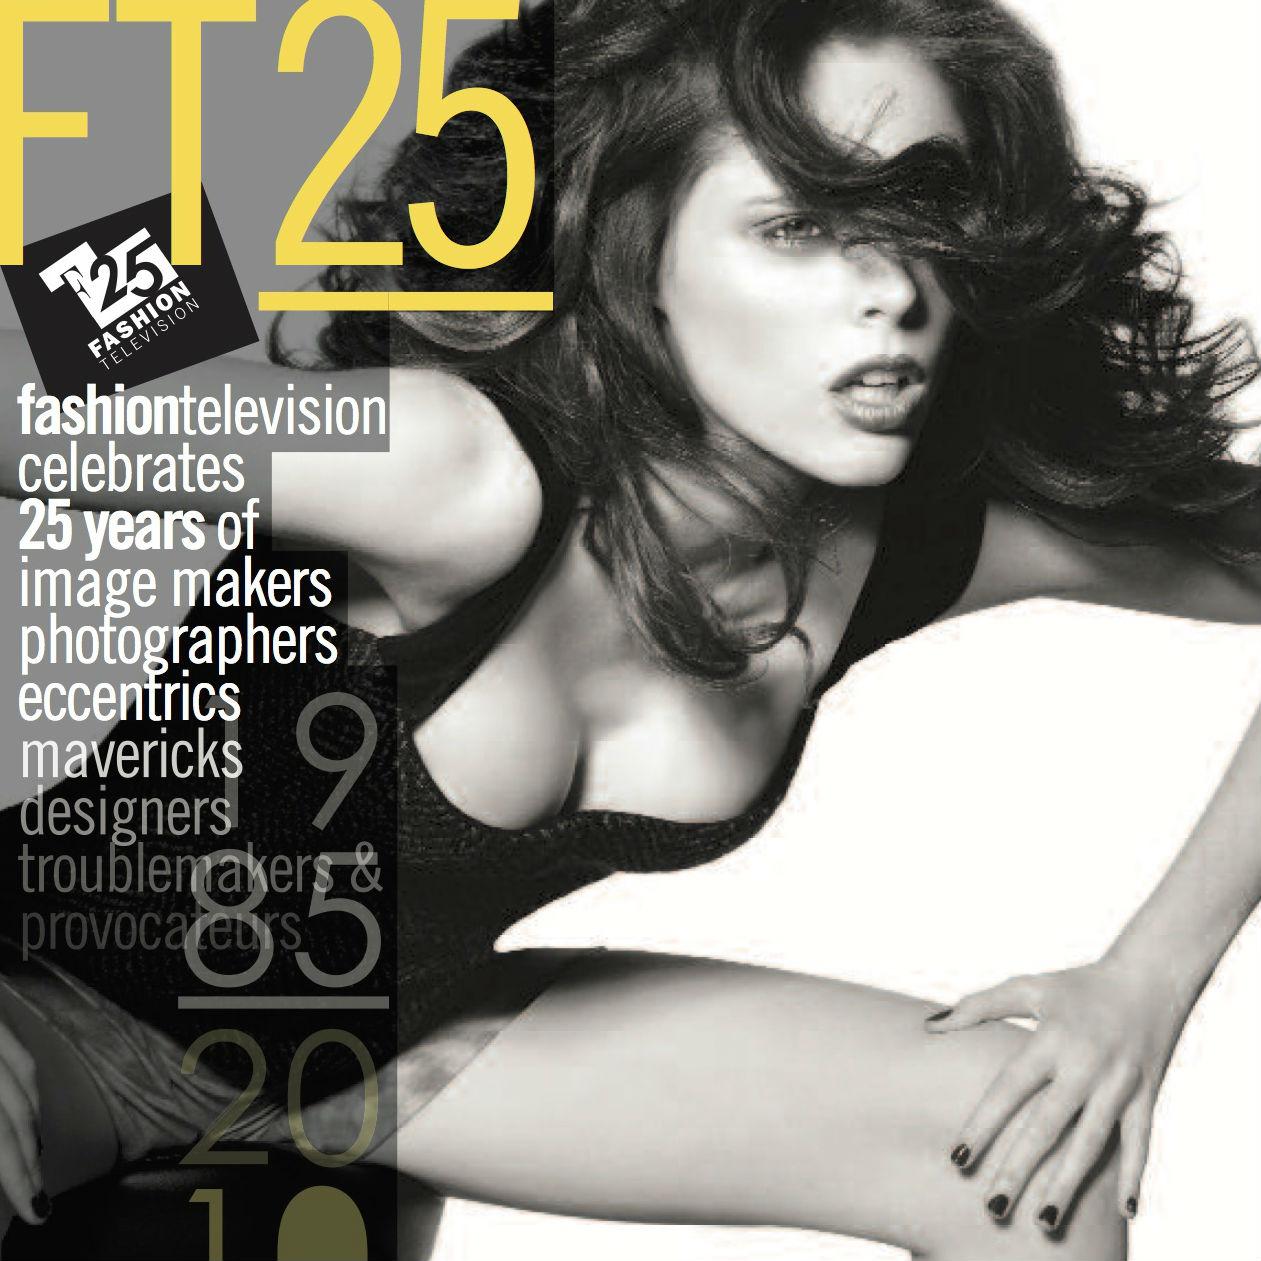 FASHION TELEVISION 25:  Mini Designer Profiles   A collection of  12 fashion designer  profiles for a magazine published in celebration of Fashion Television's 25th Anniversary.